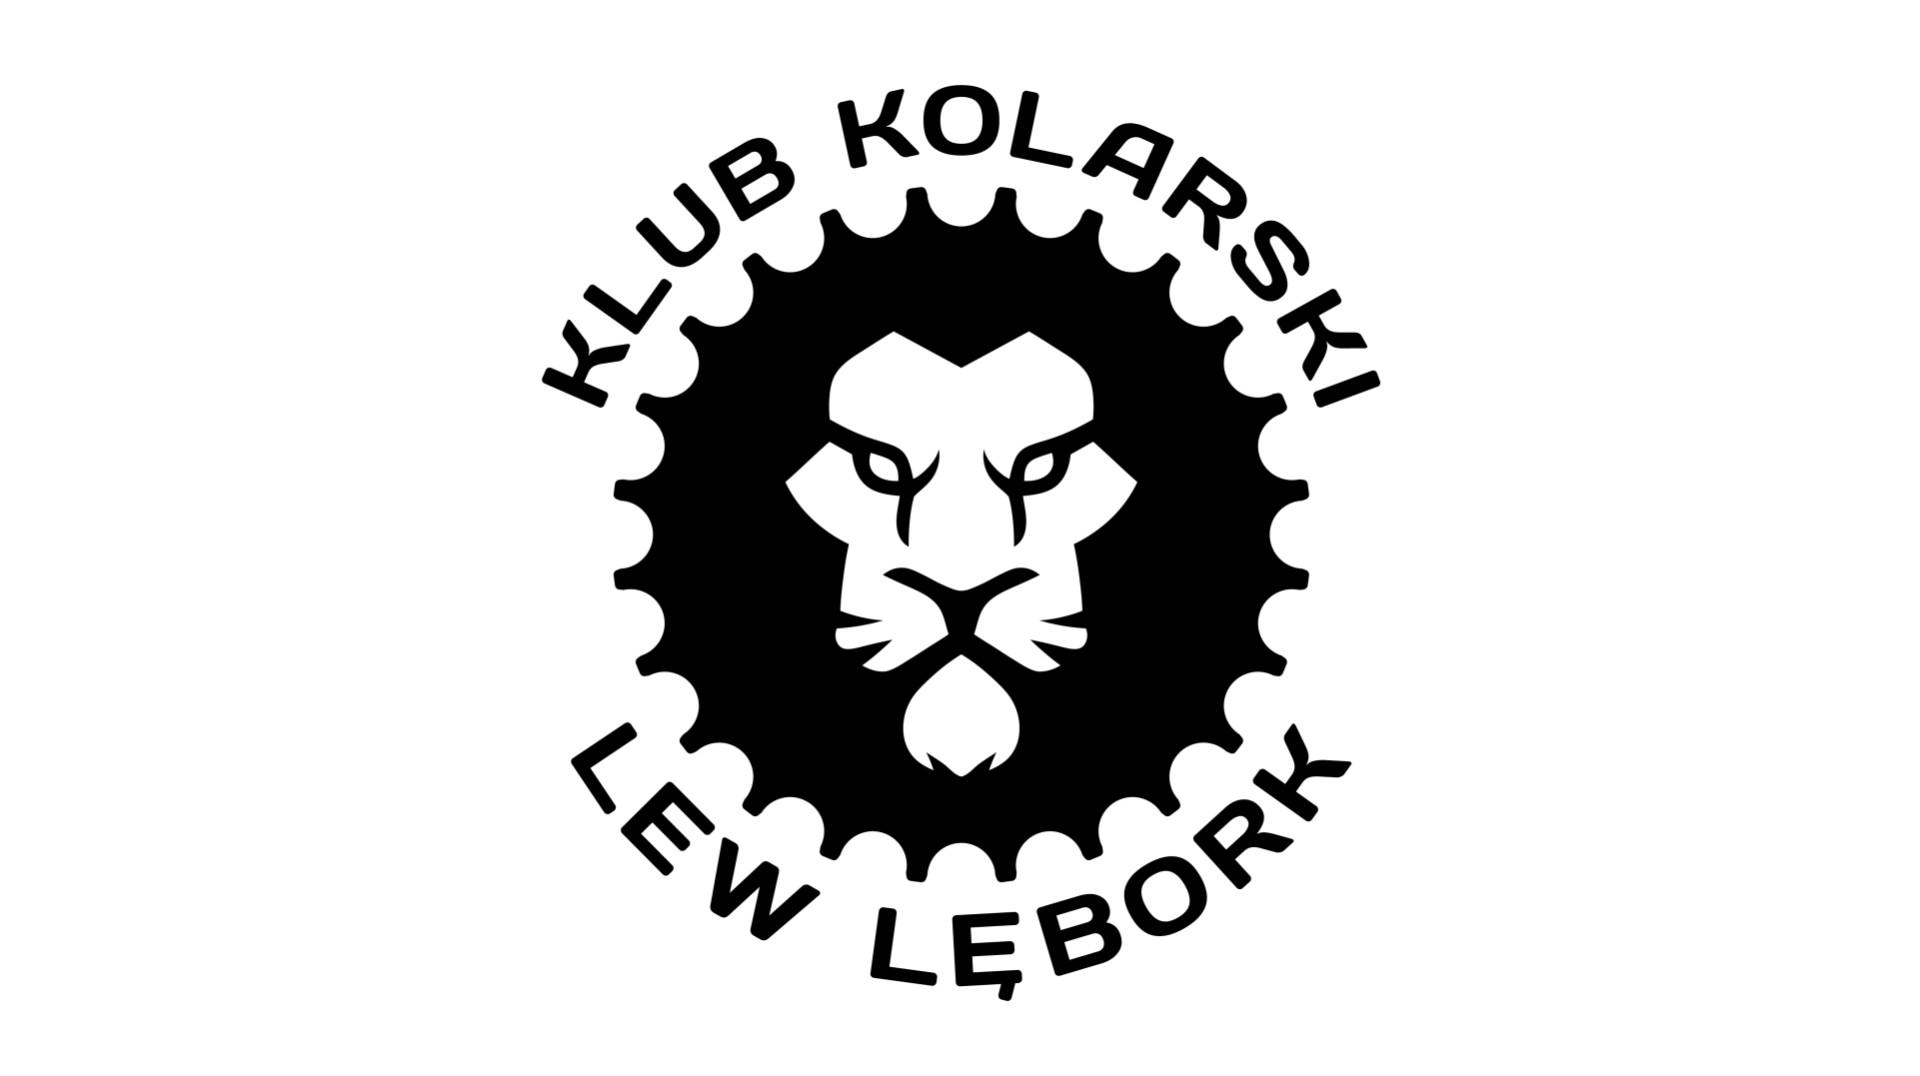 Poznajmy się – Klub Kolarski Lew Lębork